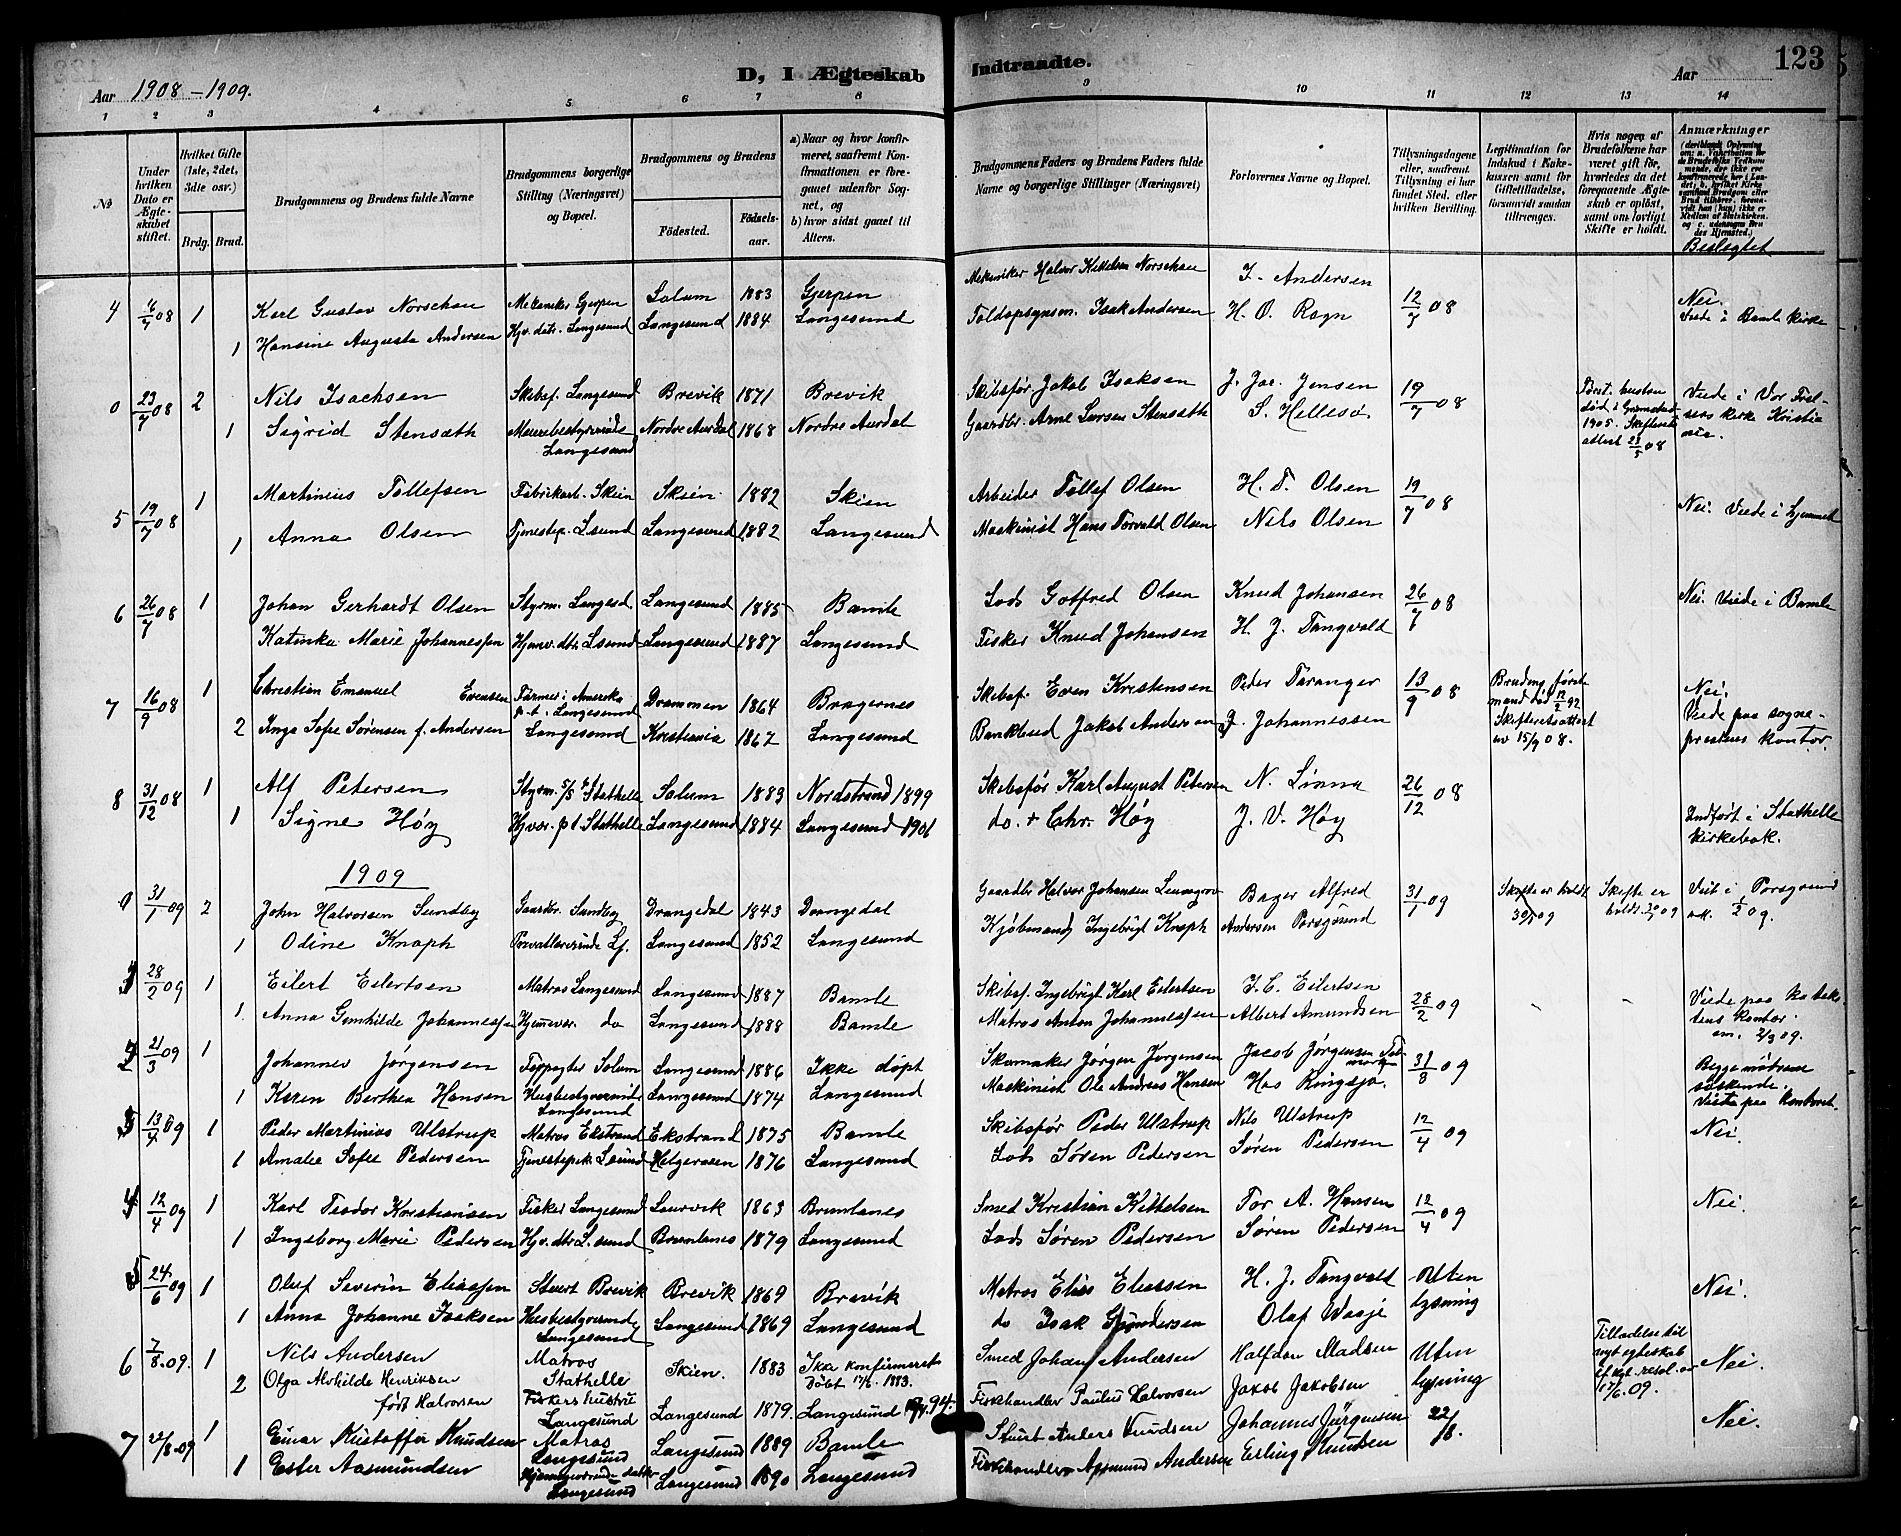 SAKO, Langesund kirkebøker, G/Ga/L0006: Klokkerbok nr. 6, 1899-1918, s. 123